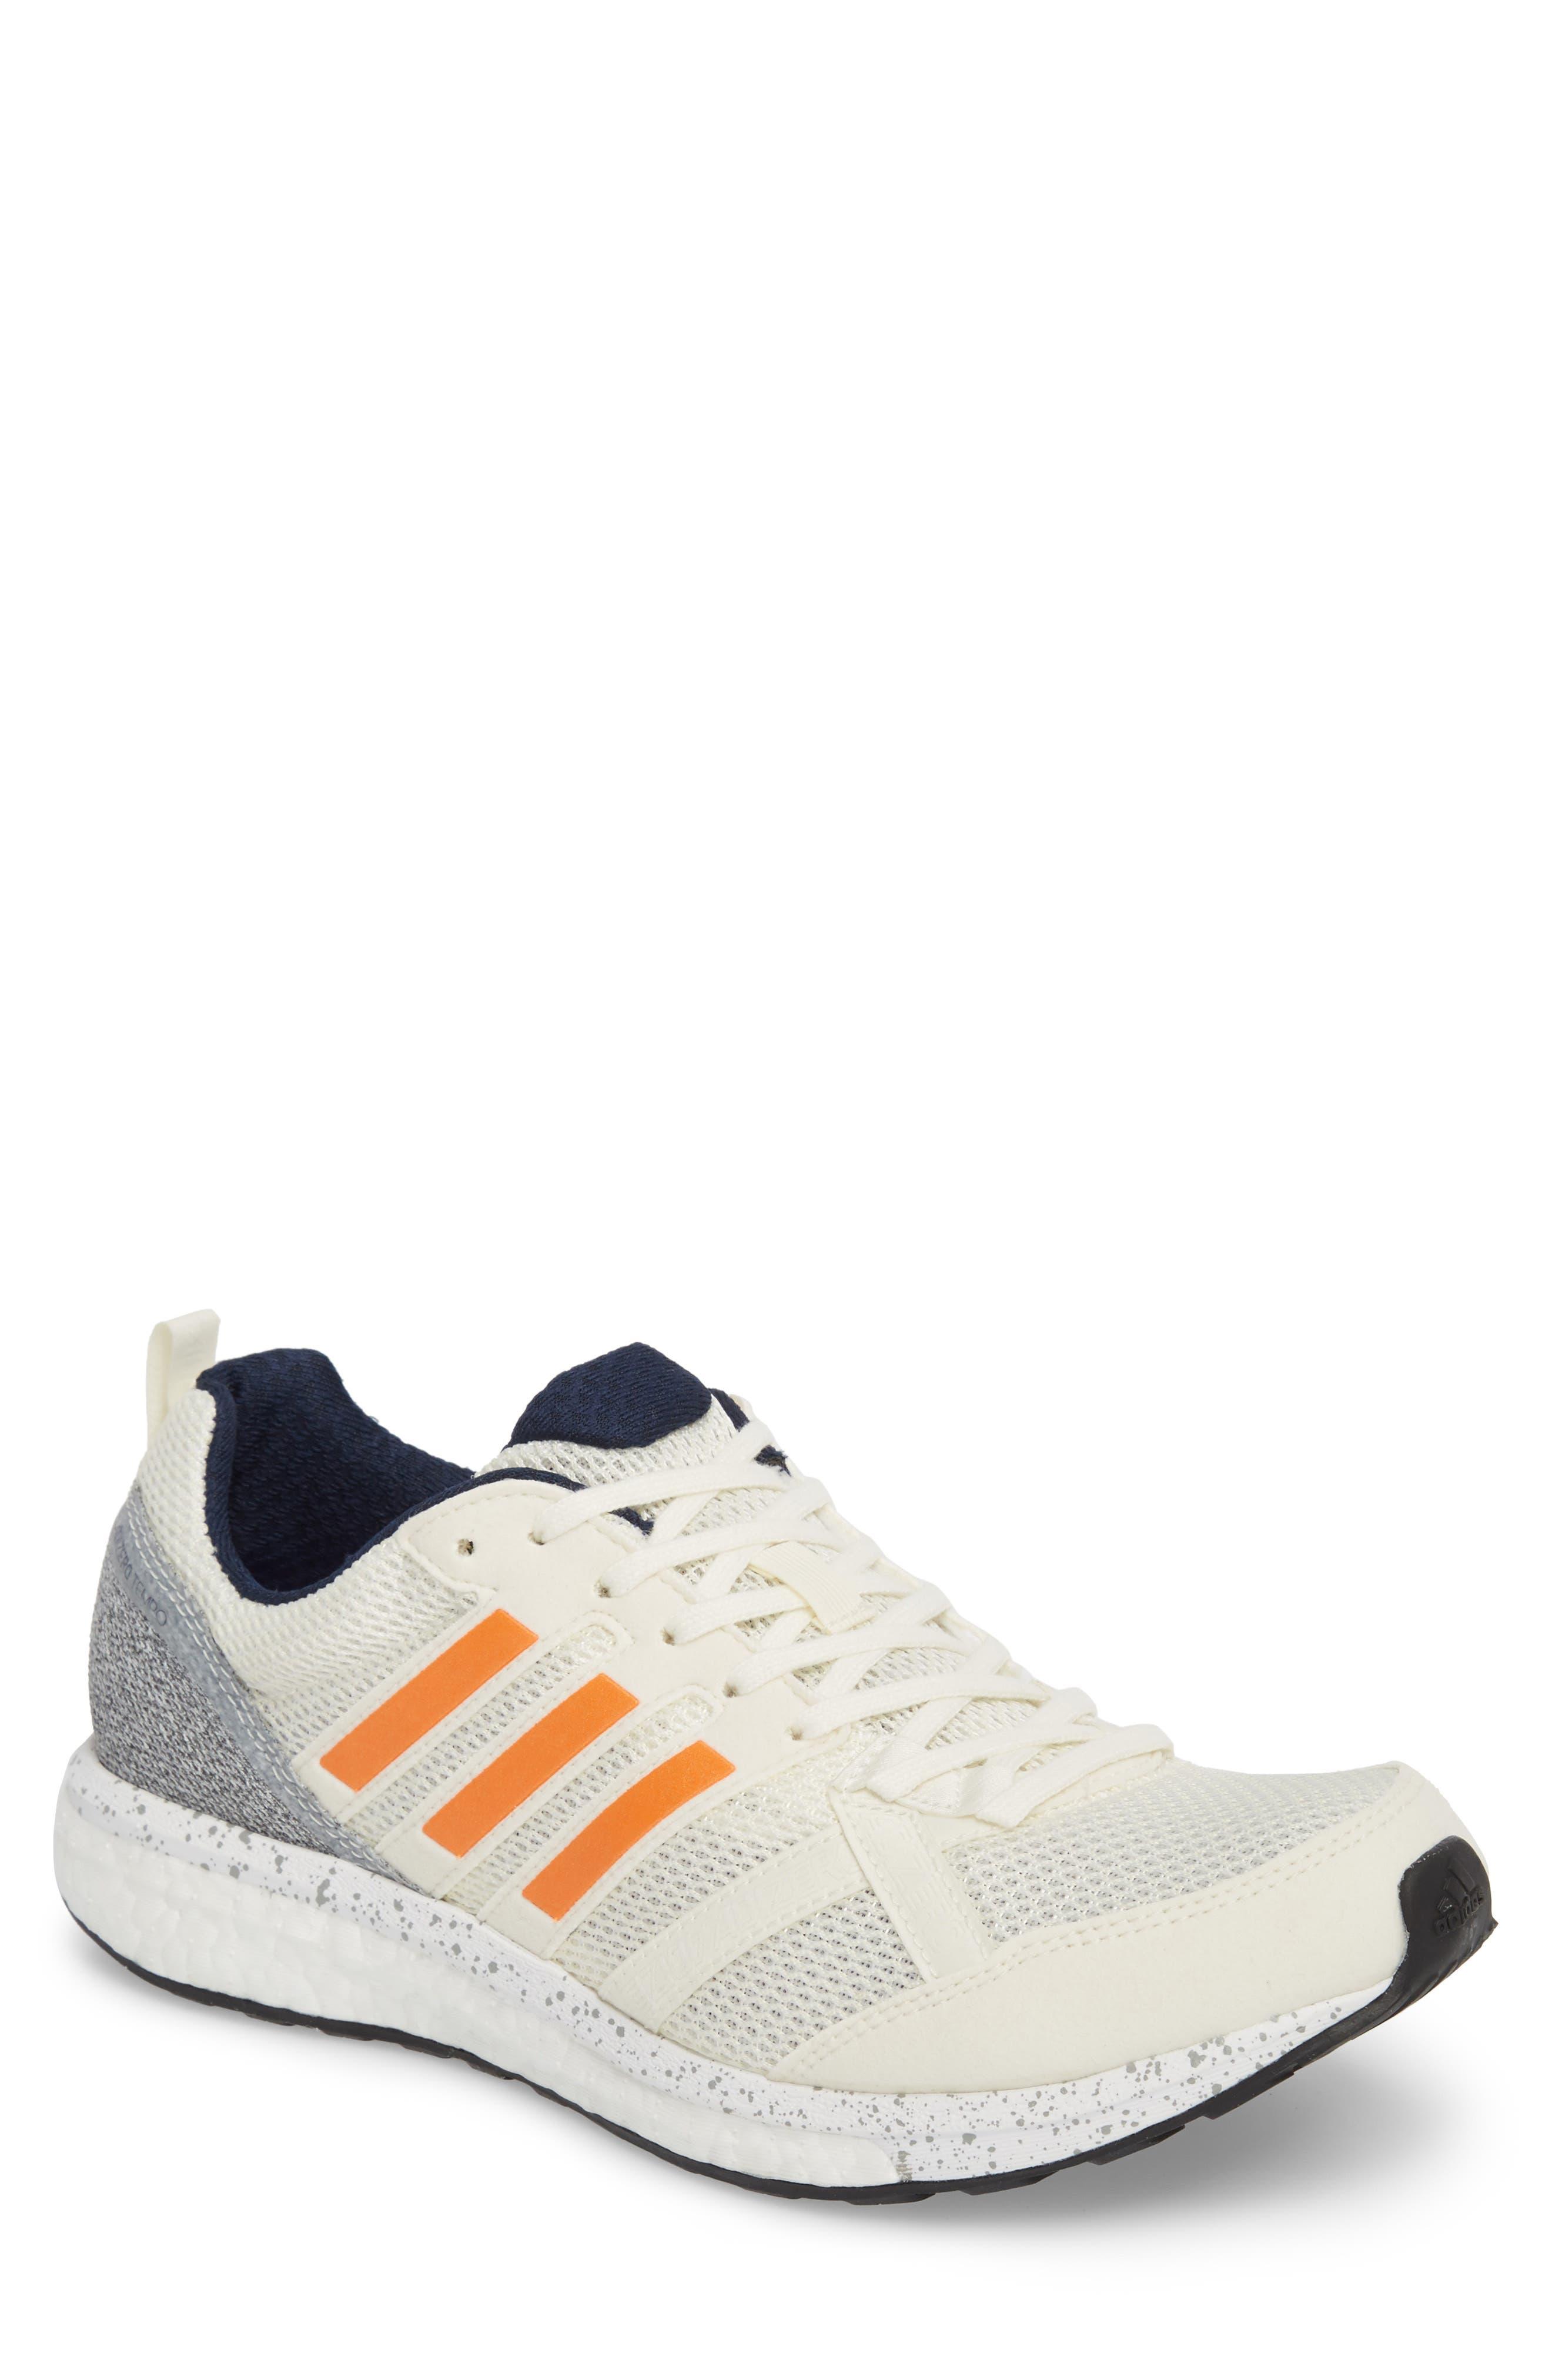 Alternate Image 1 Selected - adidas Adizero Tempo 9 M Running Shoe (Men)